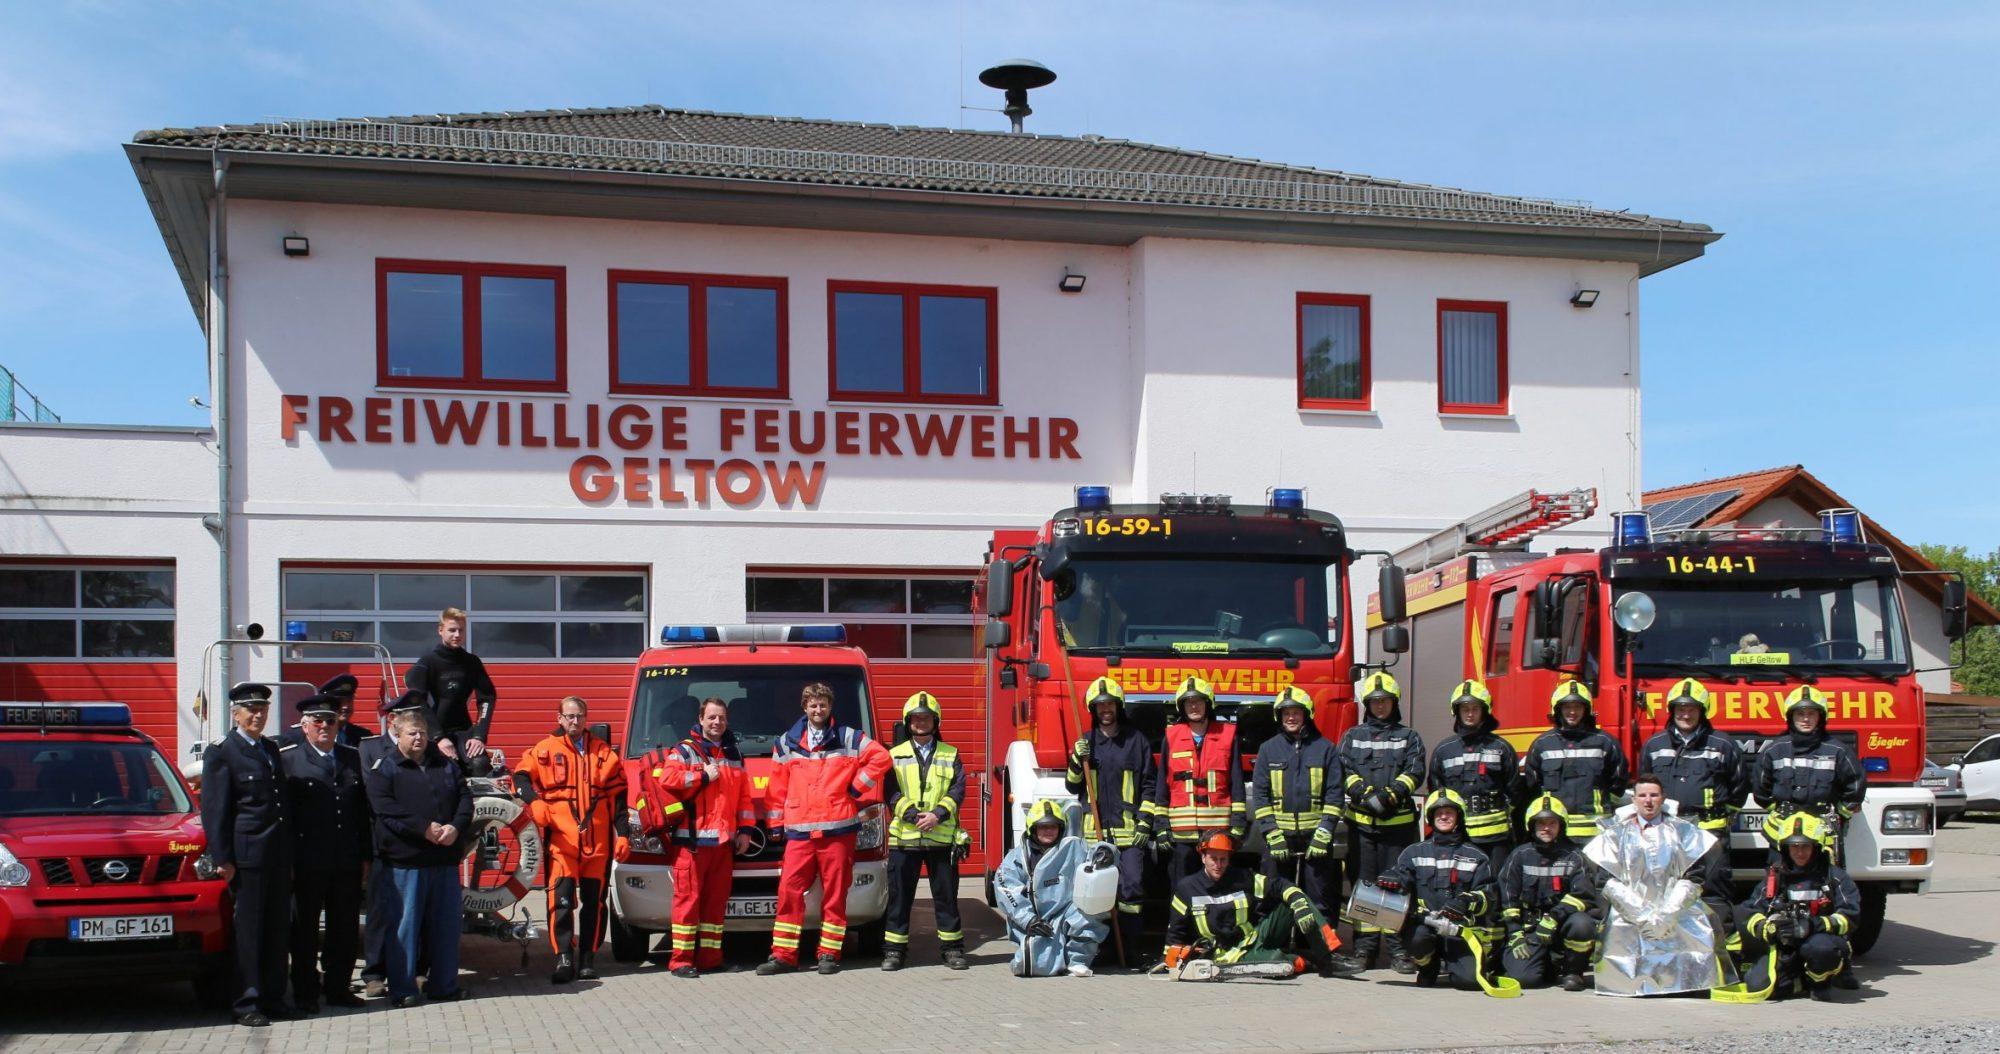 Feuerwehr Geltow